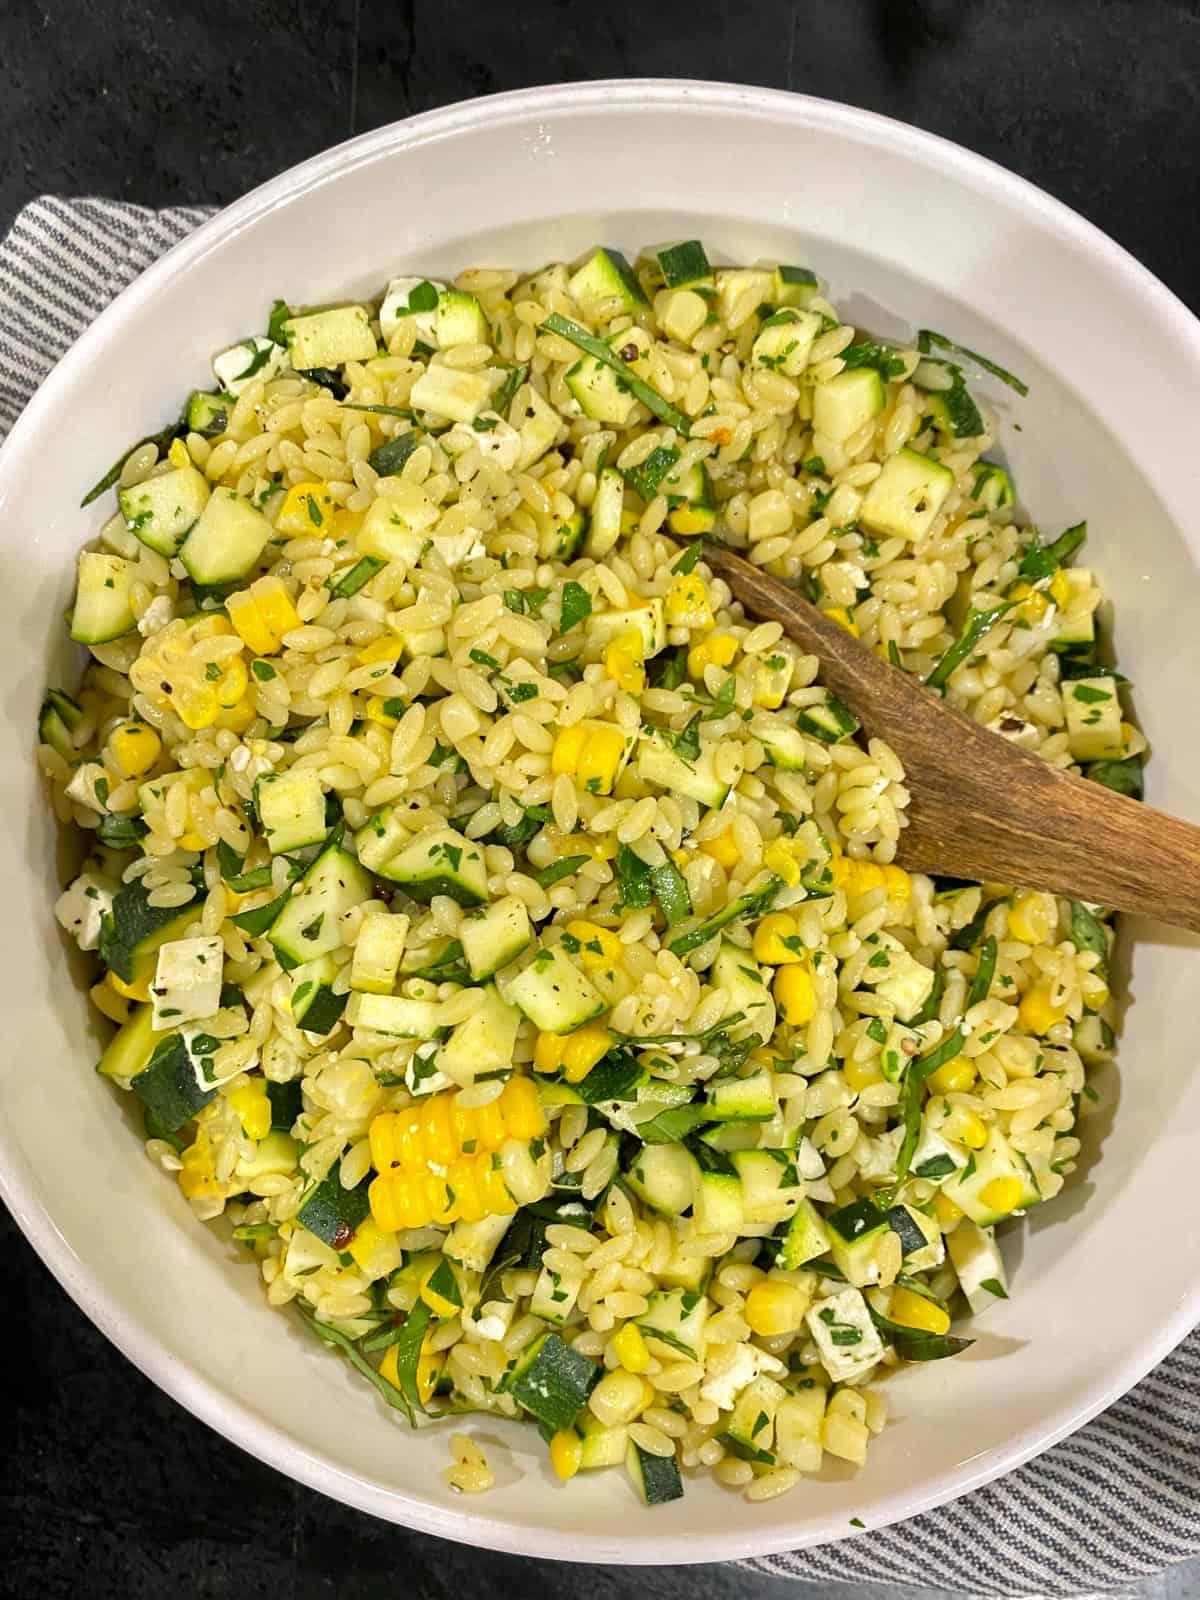 summer orzo salad recipe with feta, corn, and zucchini